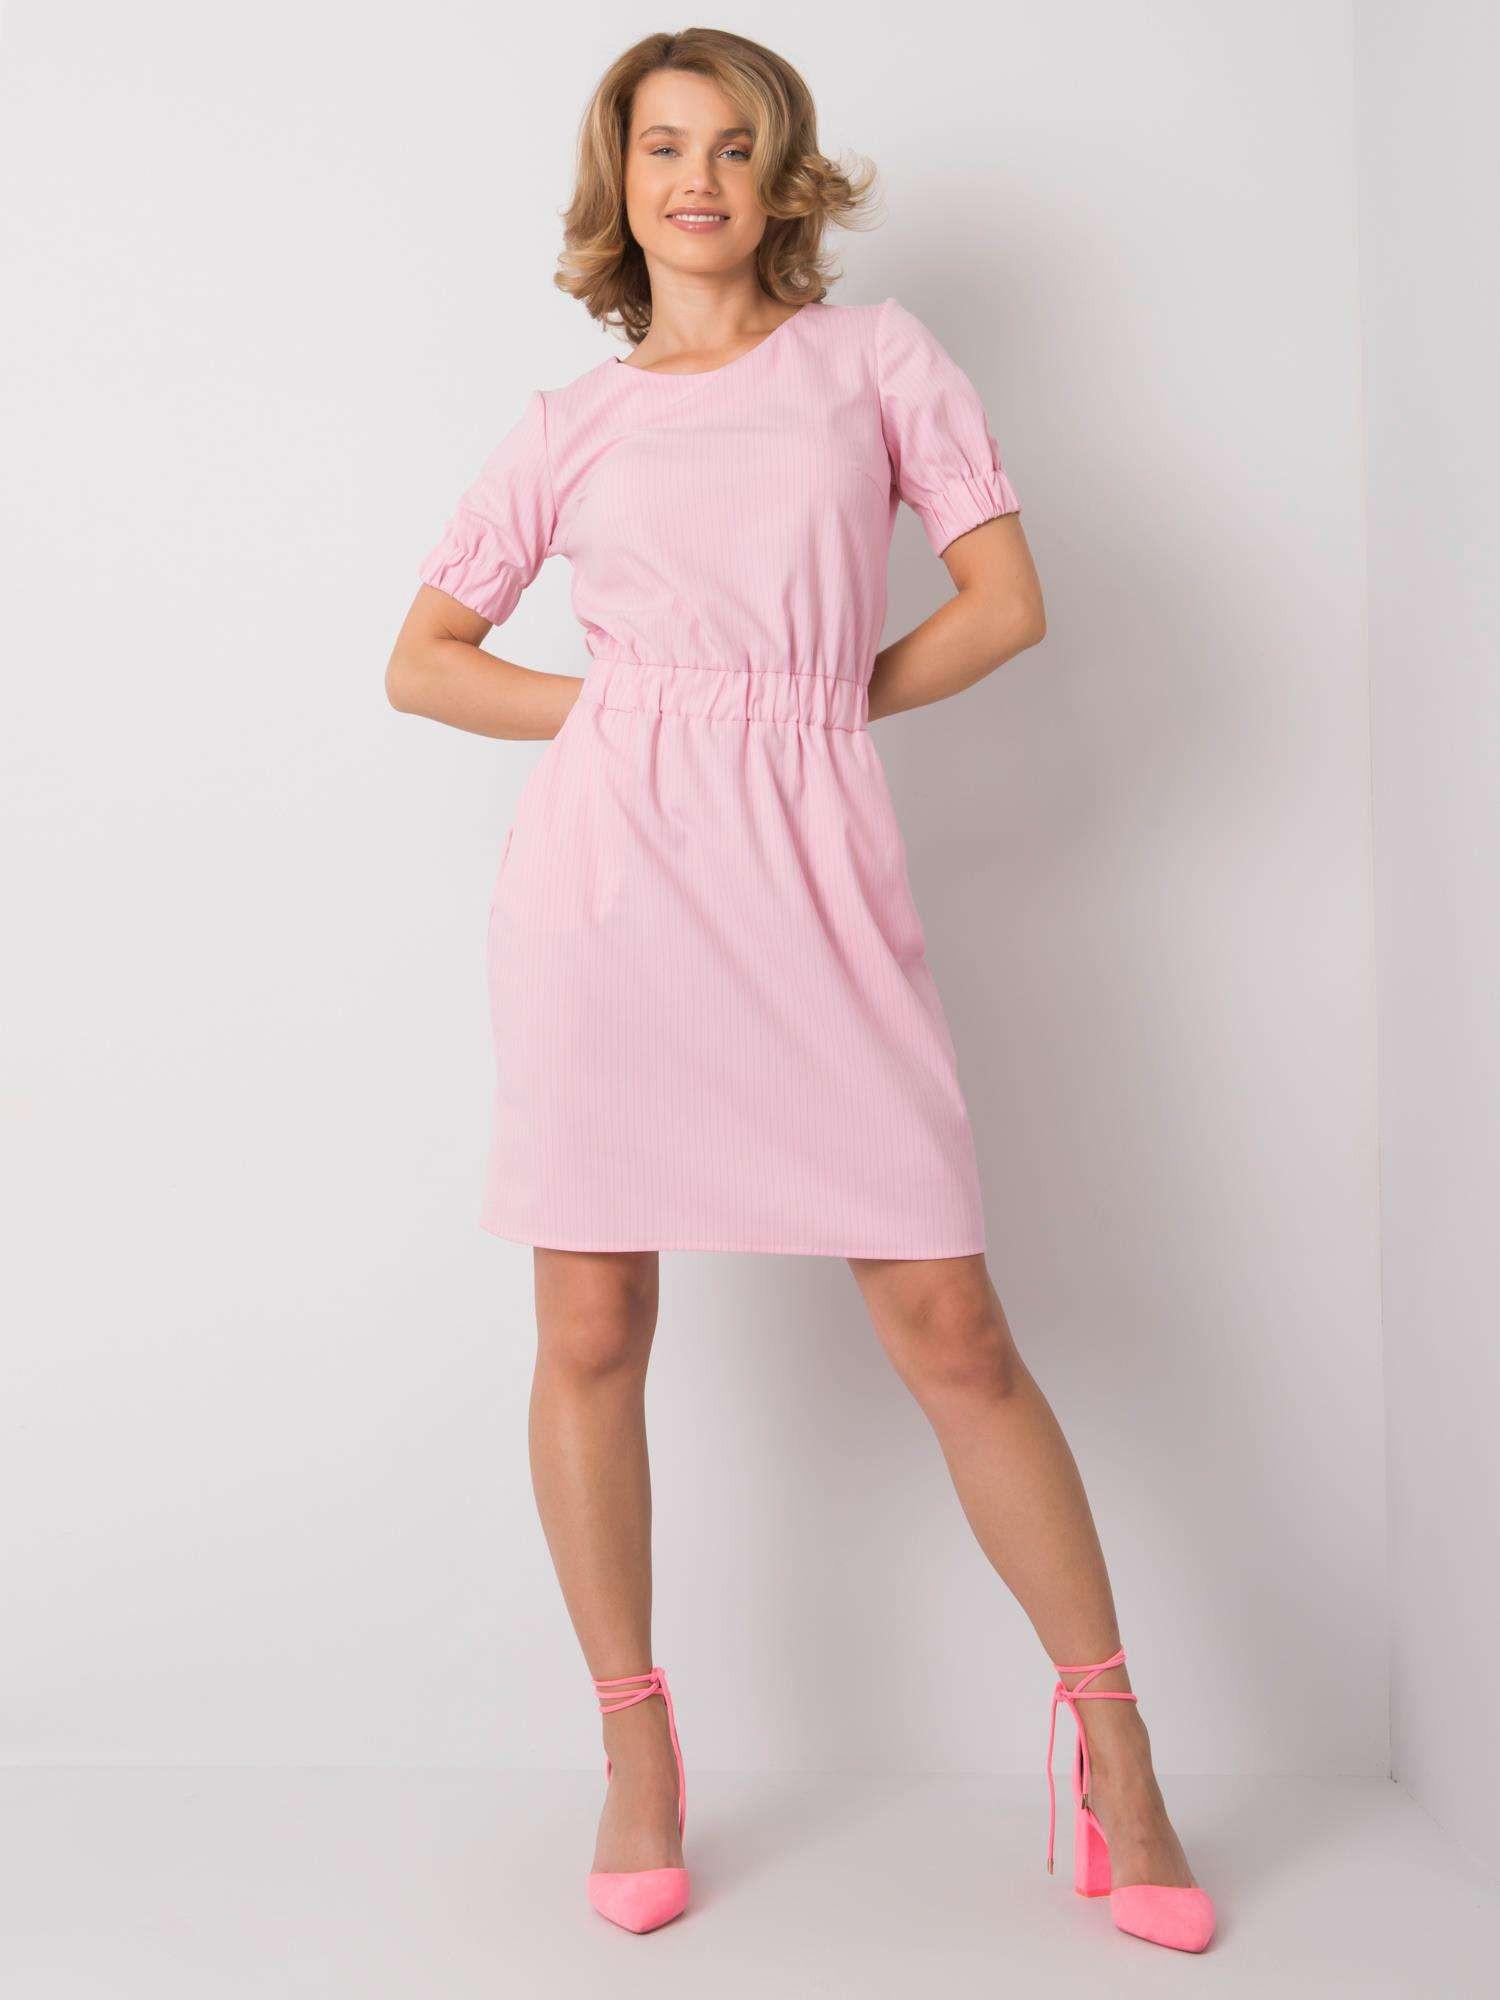 Ružové dámske šaty každý deň 42